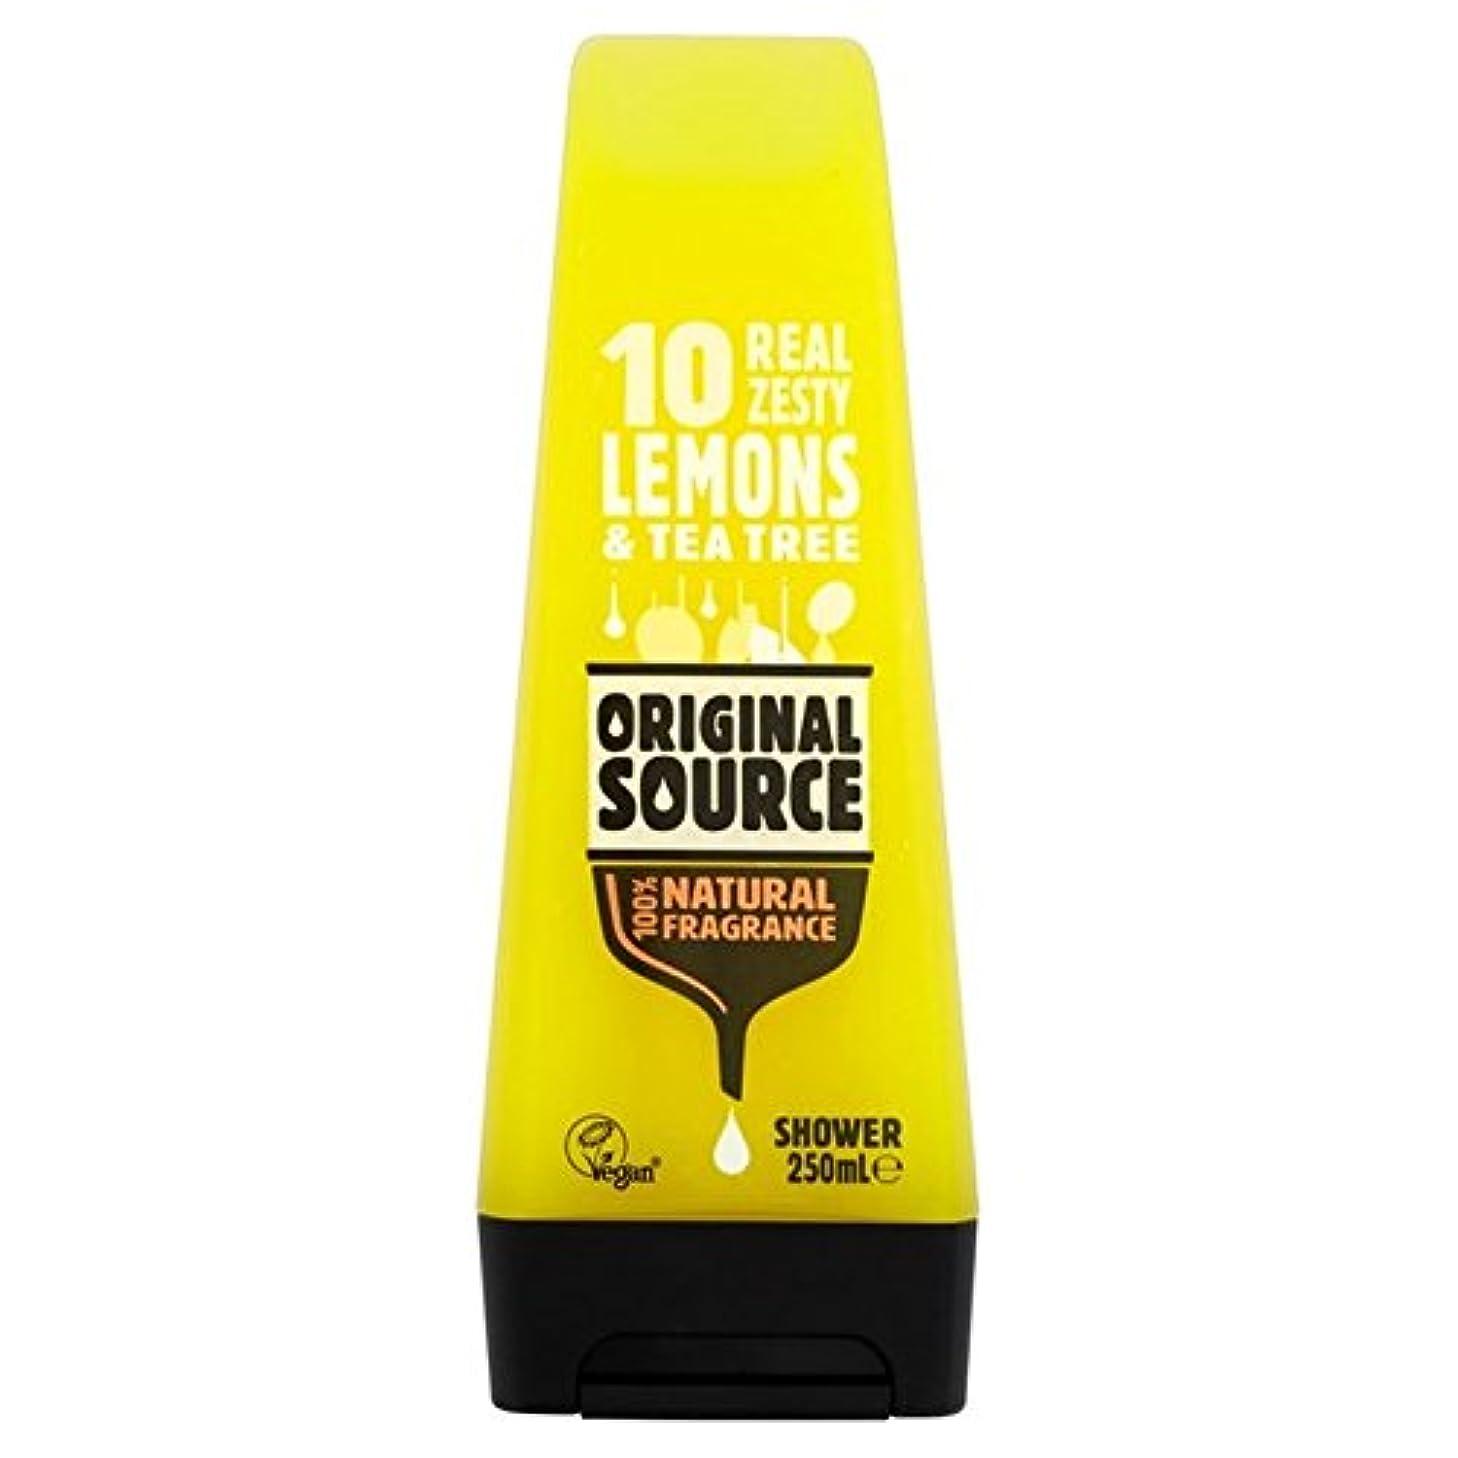 操作維持する線形Original Source Lemon Shower Gel 250ml - 元のソースのレモンシャワージェル250ミリリットル [並行輸入品]